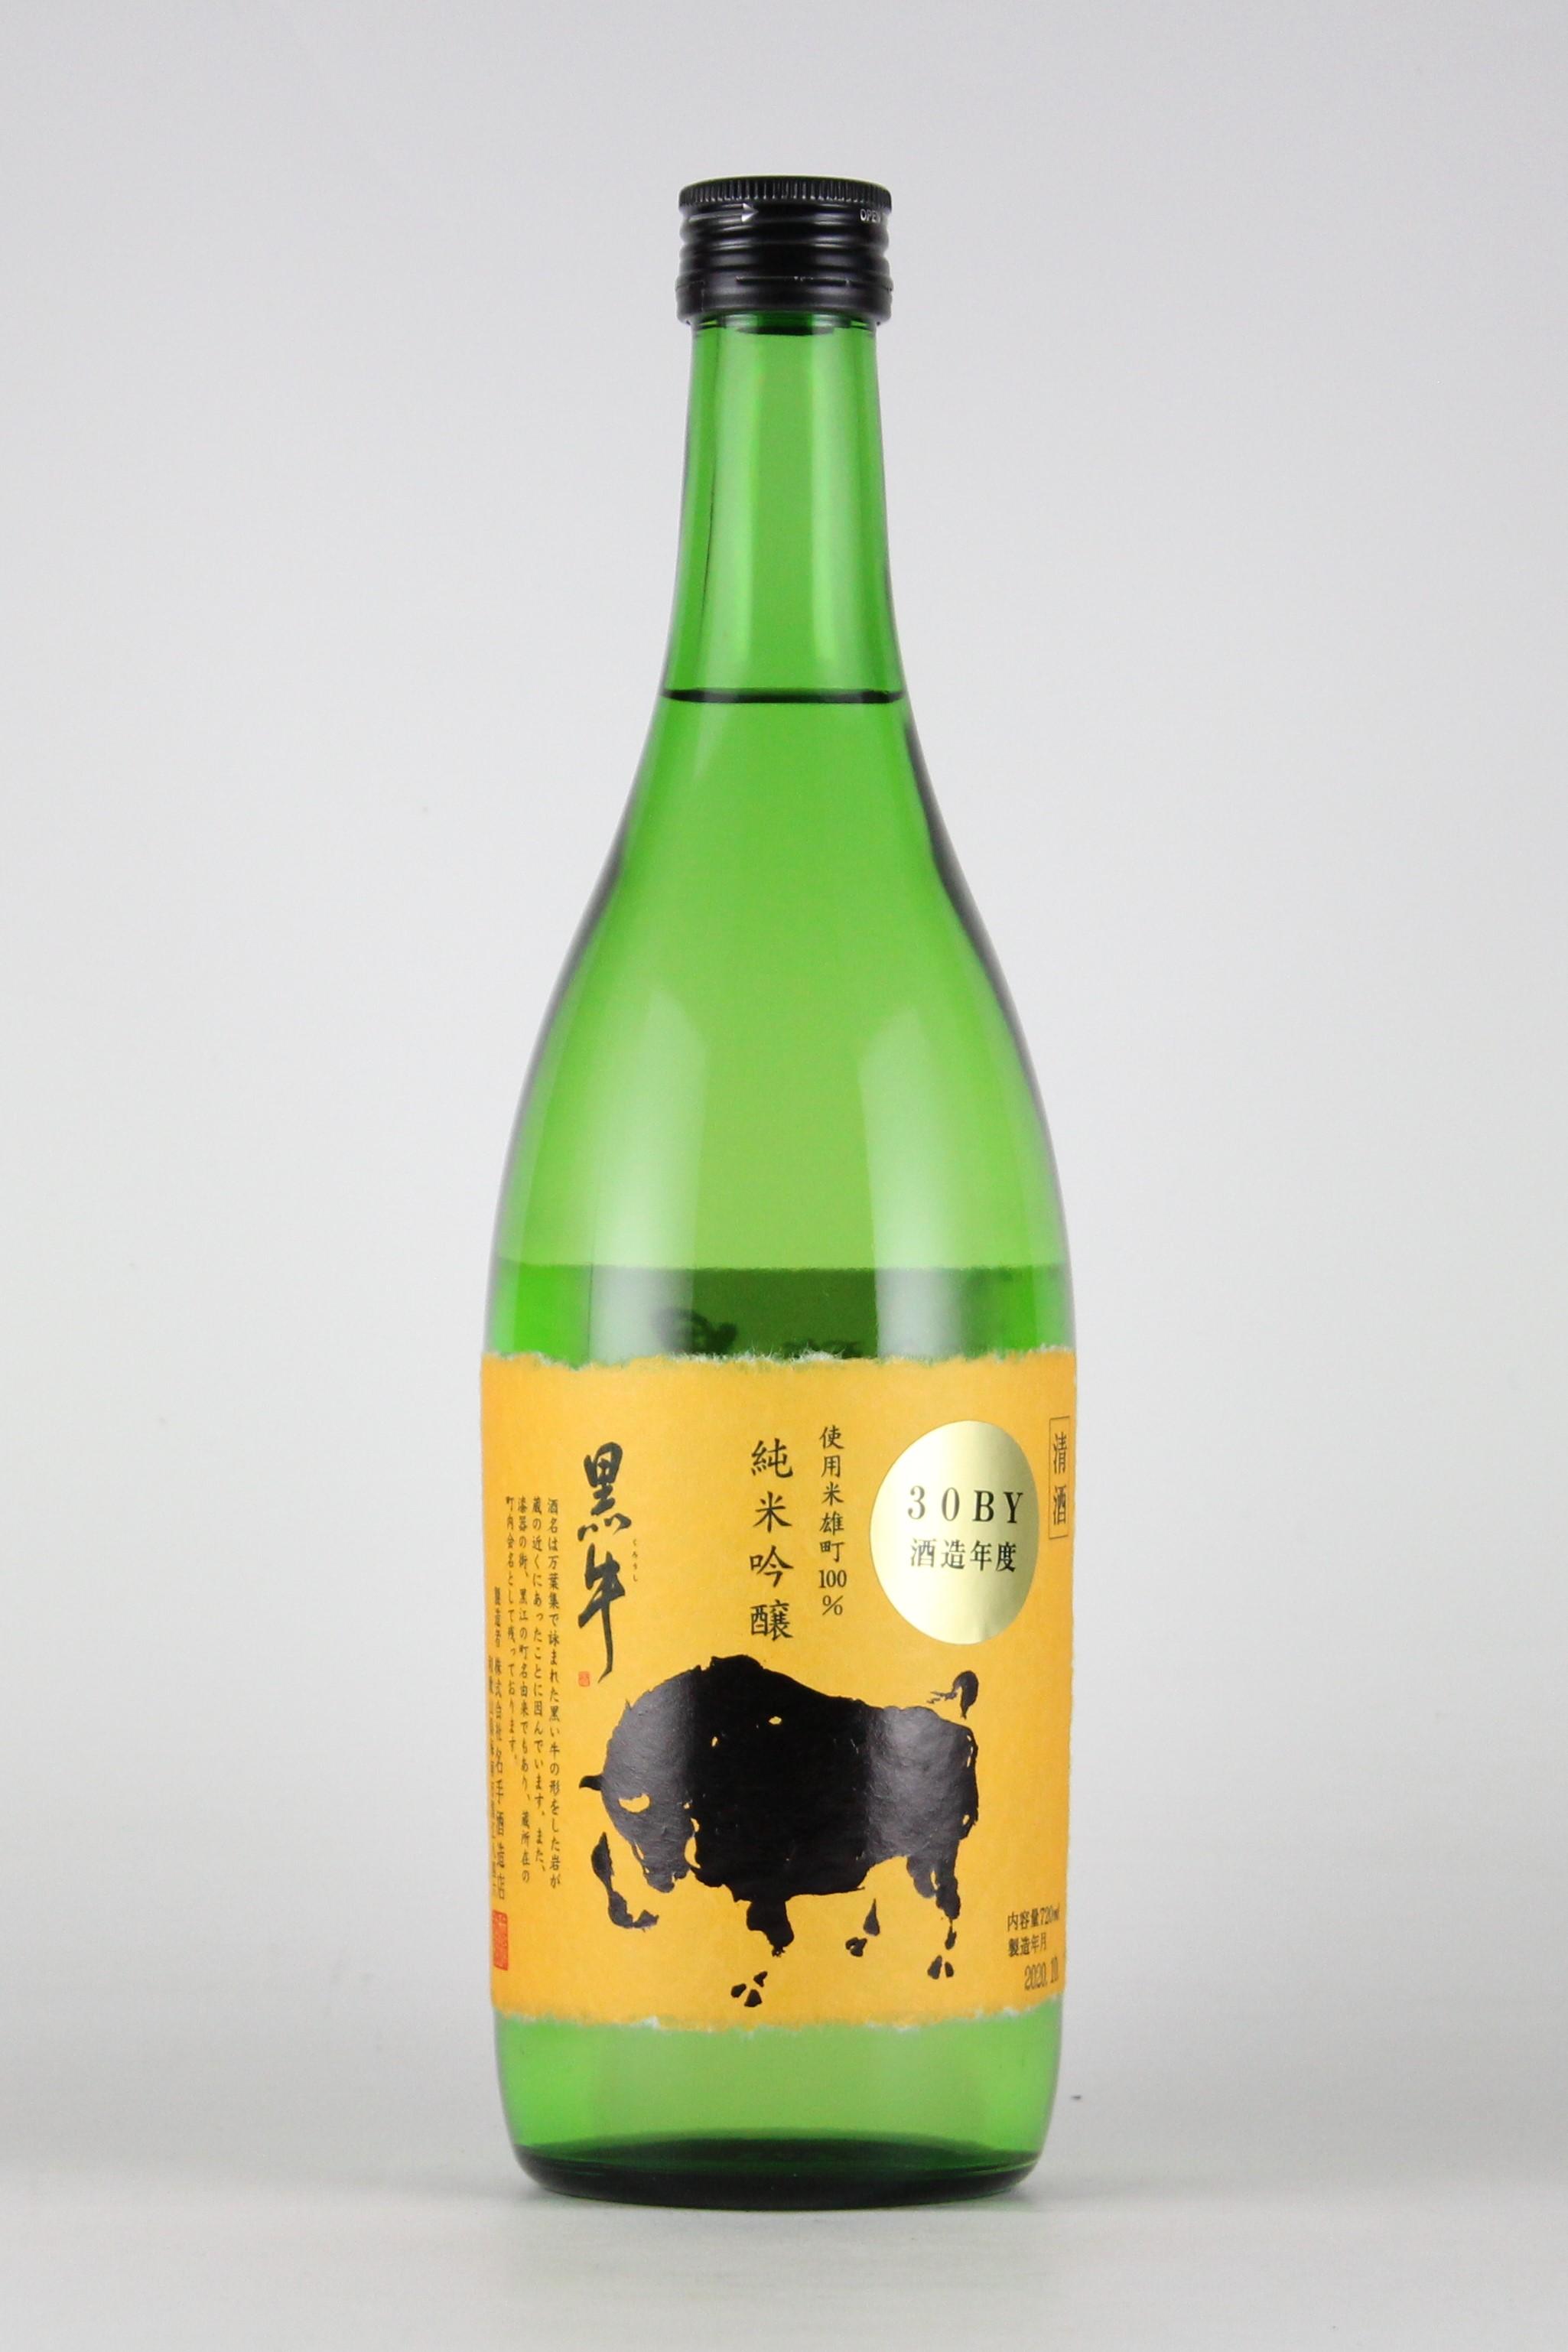 黒牛 純米吟醸 雄町 瓶燗急冷 720ml 【和歌山/名手酒造店】2019(令和1)醸造年度